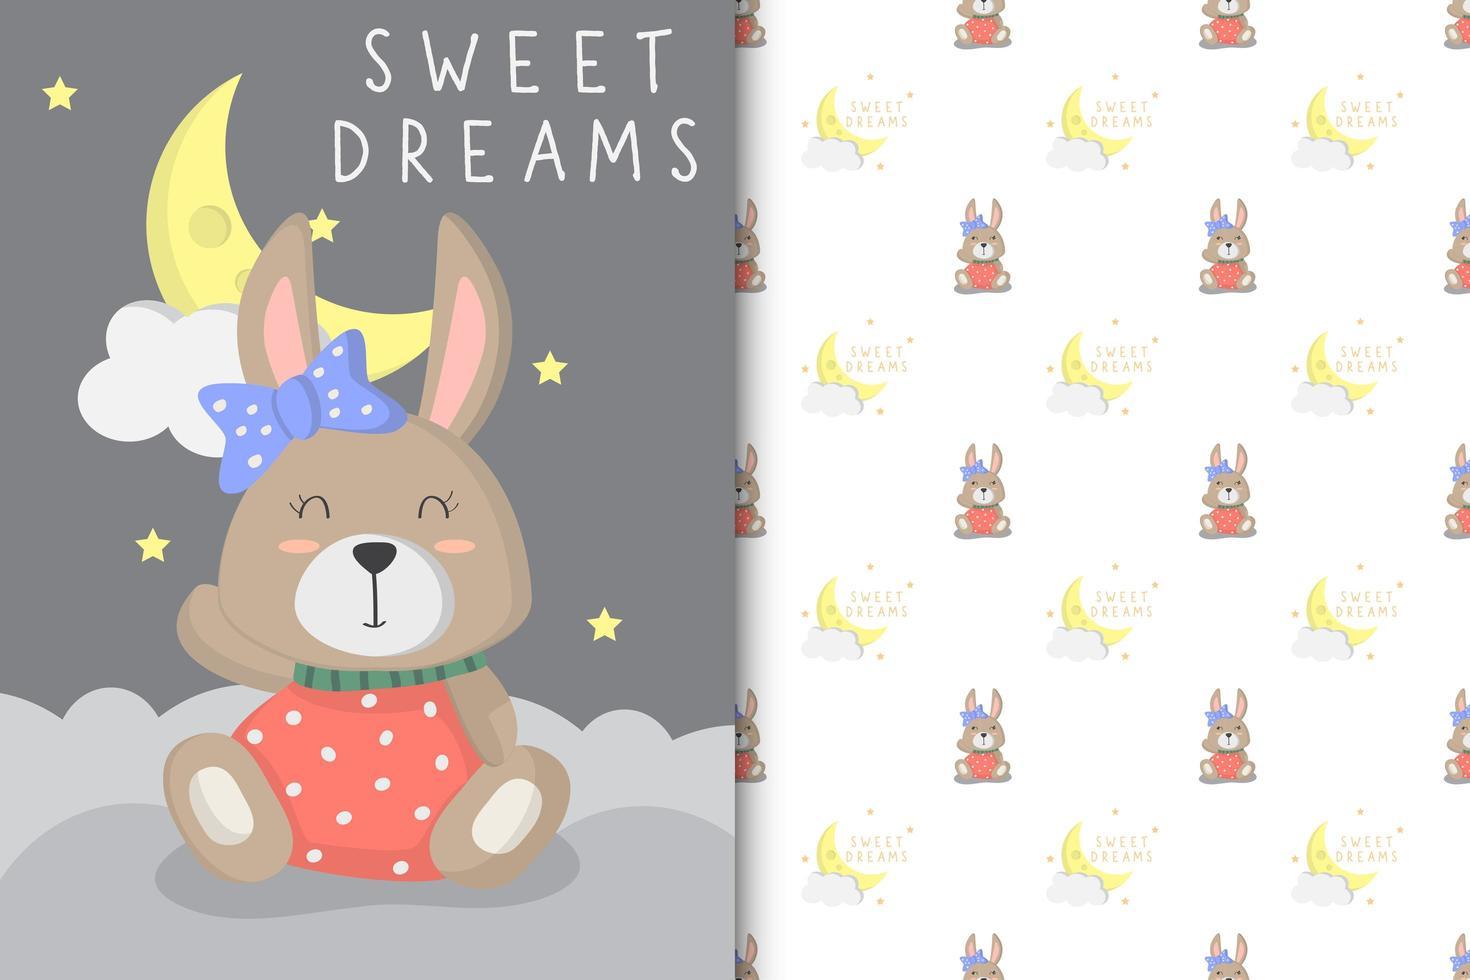 Sweet dreams baby bunny  vector